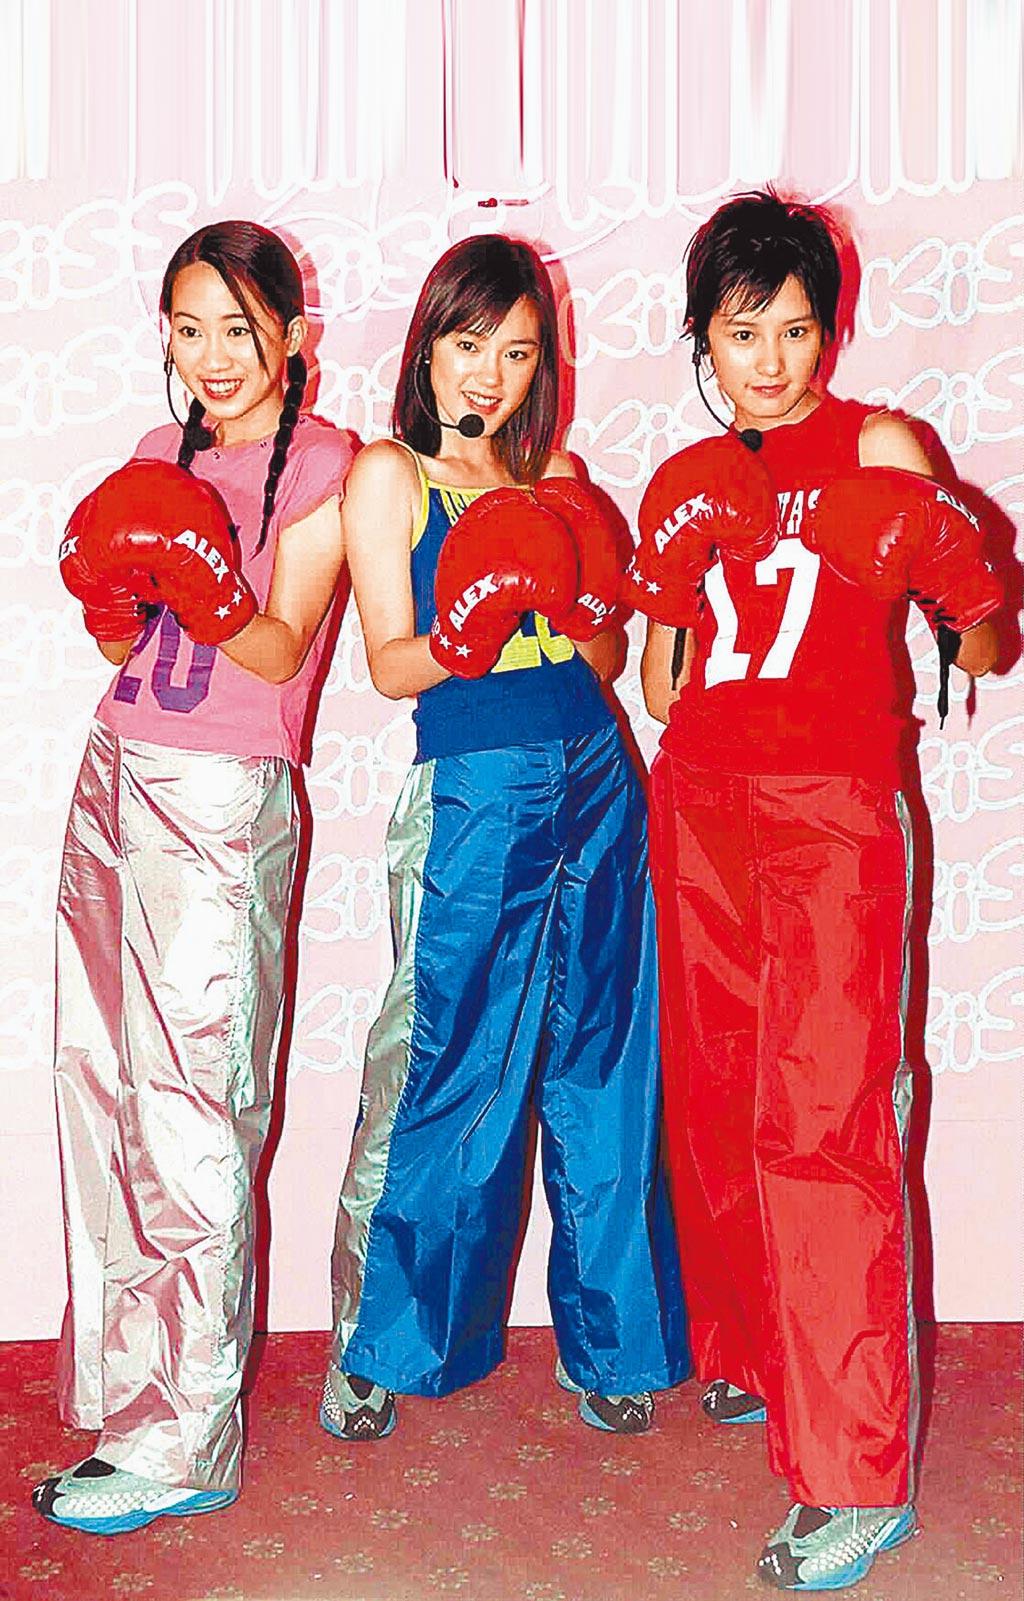 王婷萱(左)2000年曾組美少女團「KISS」出道、中為蔡裴琳。(資料照片)